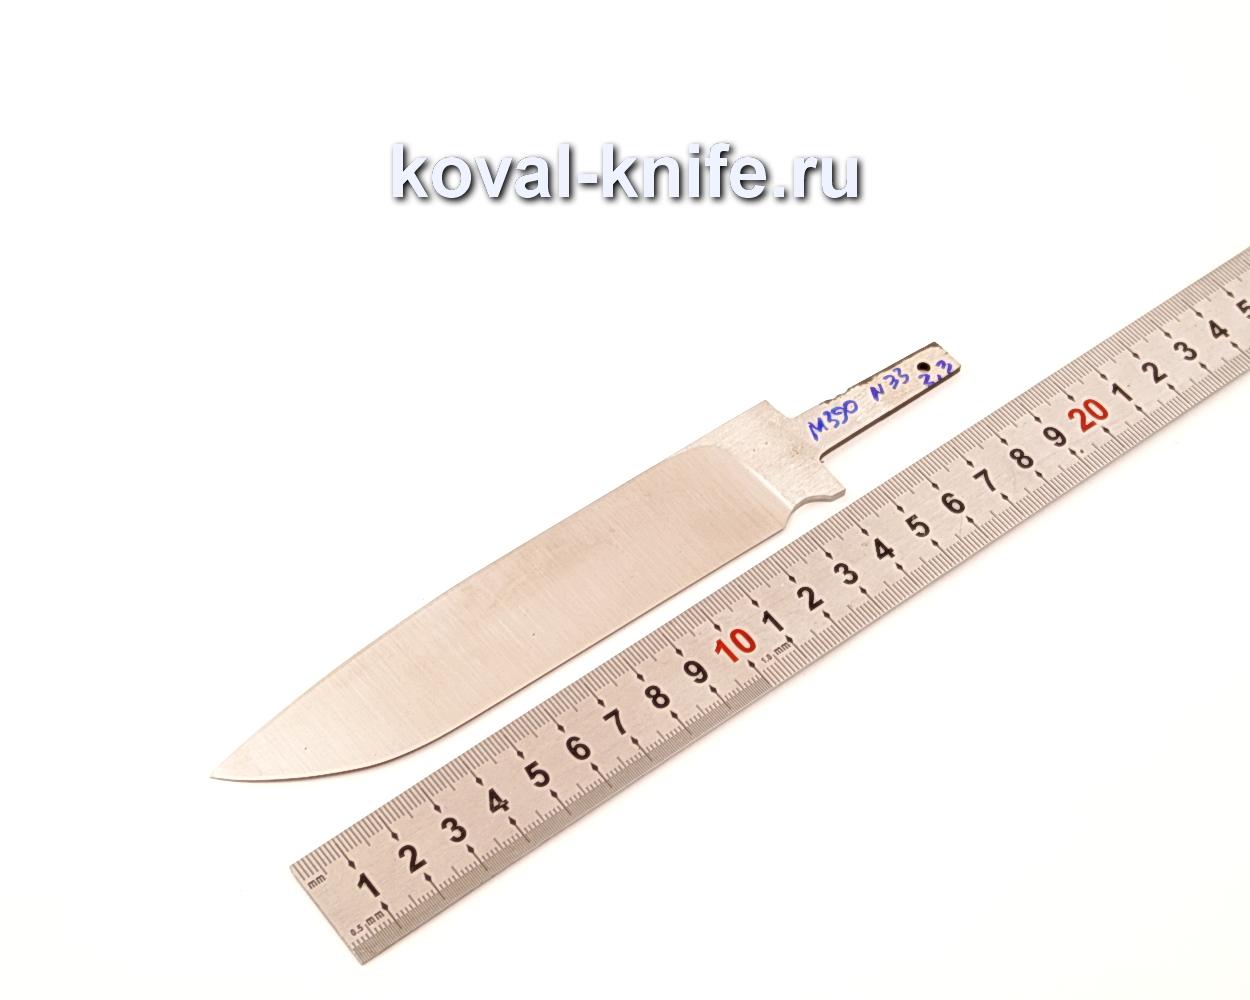 Клинок для ножа из порошковой стали Bohler M390 N33